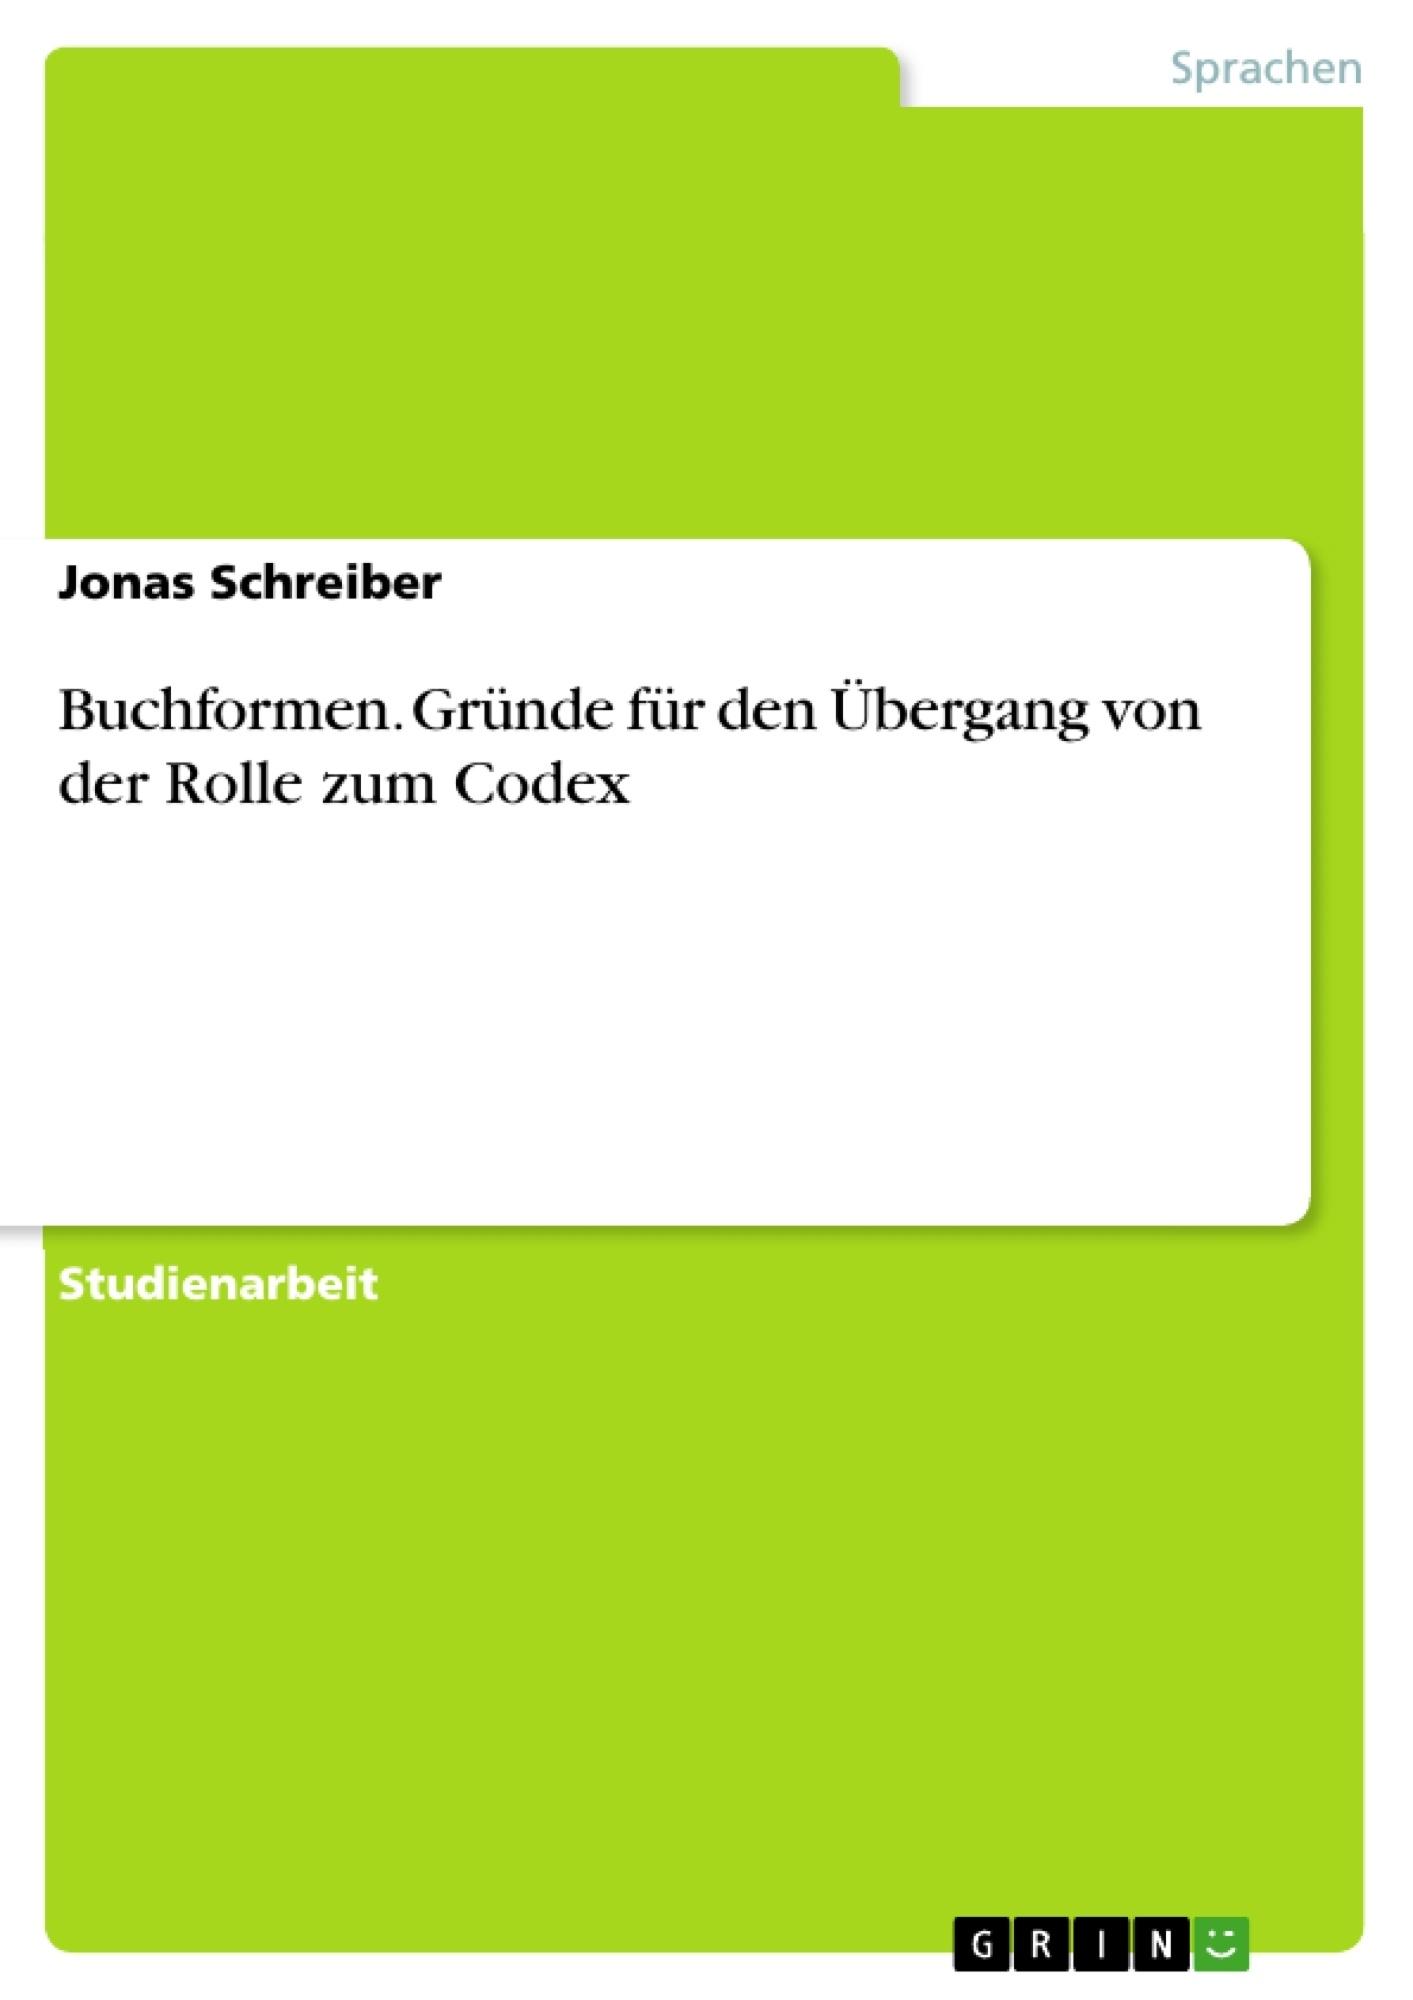 Titel: Buchformen. Gründe für den Übergang von der Rolle zum Codex